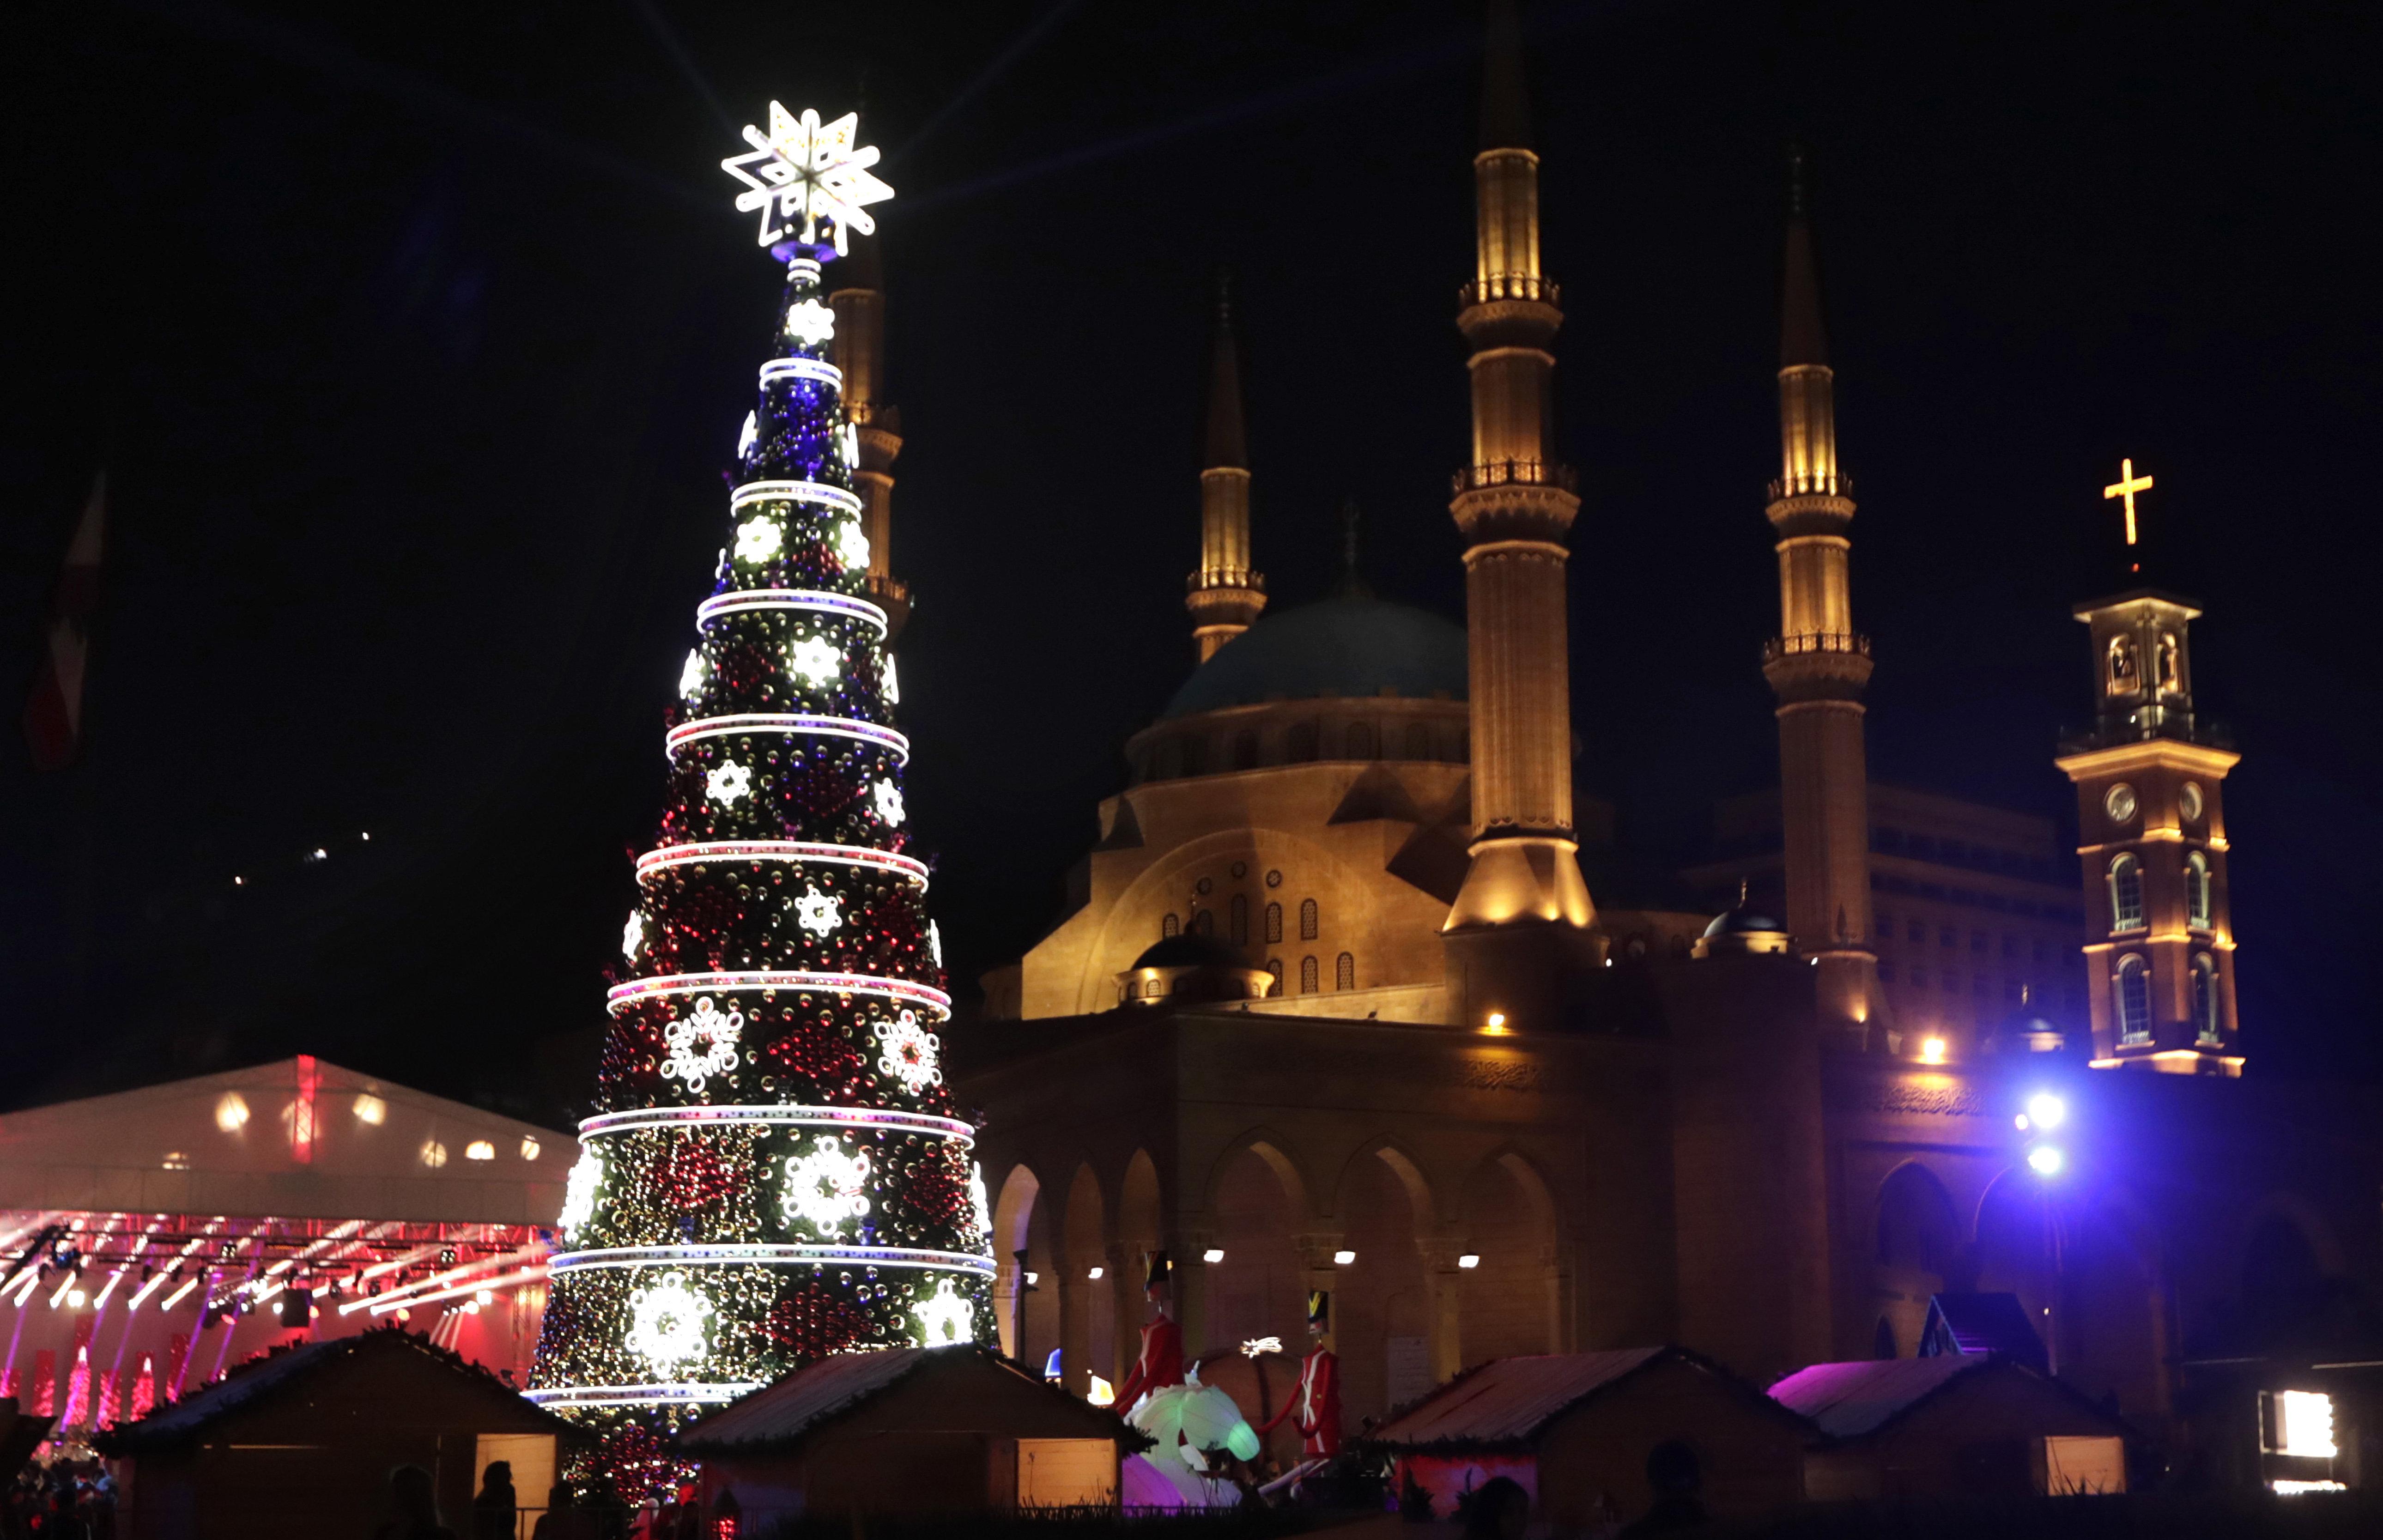 Árbol de Navidad frente a la mezquita Mohammad al-Amin  y la Iglesia de San Jorge en la capital de Líbano, Beirut